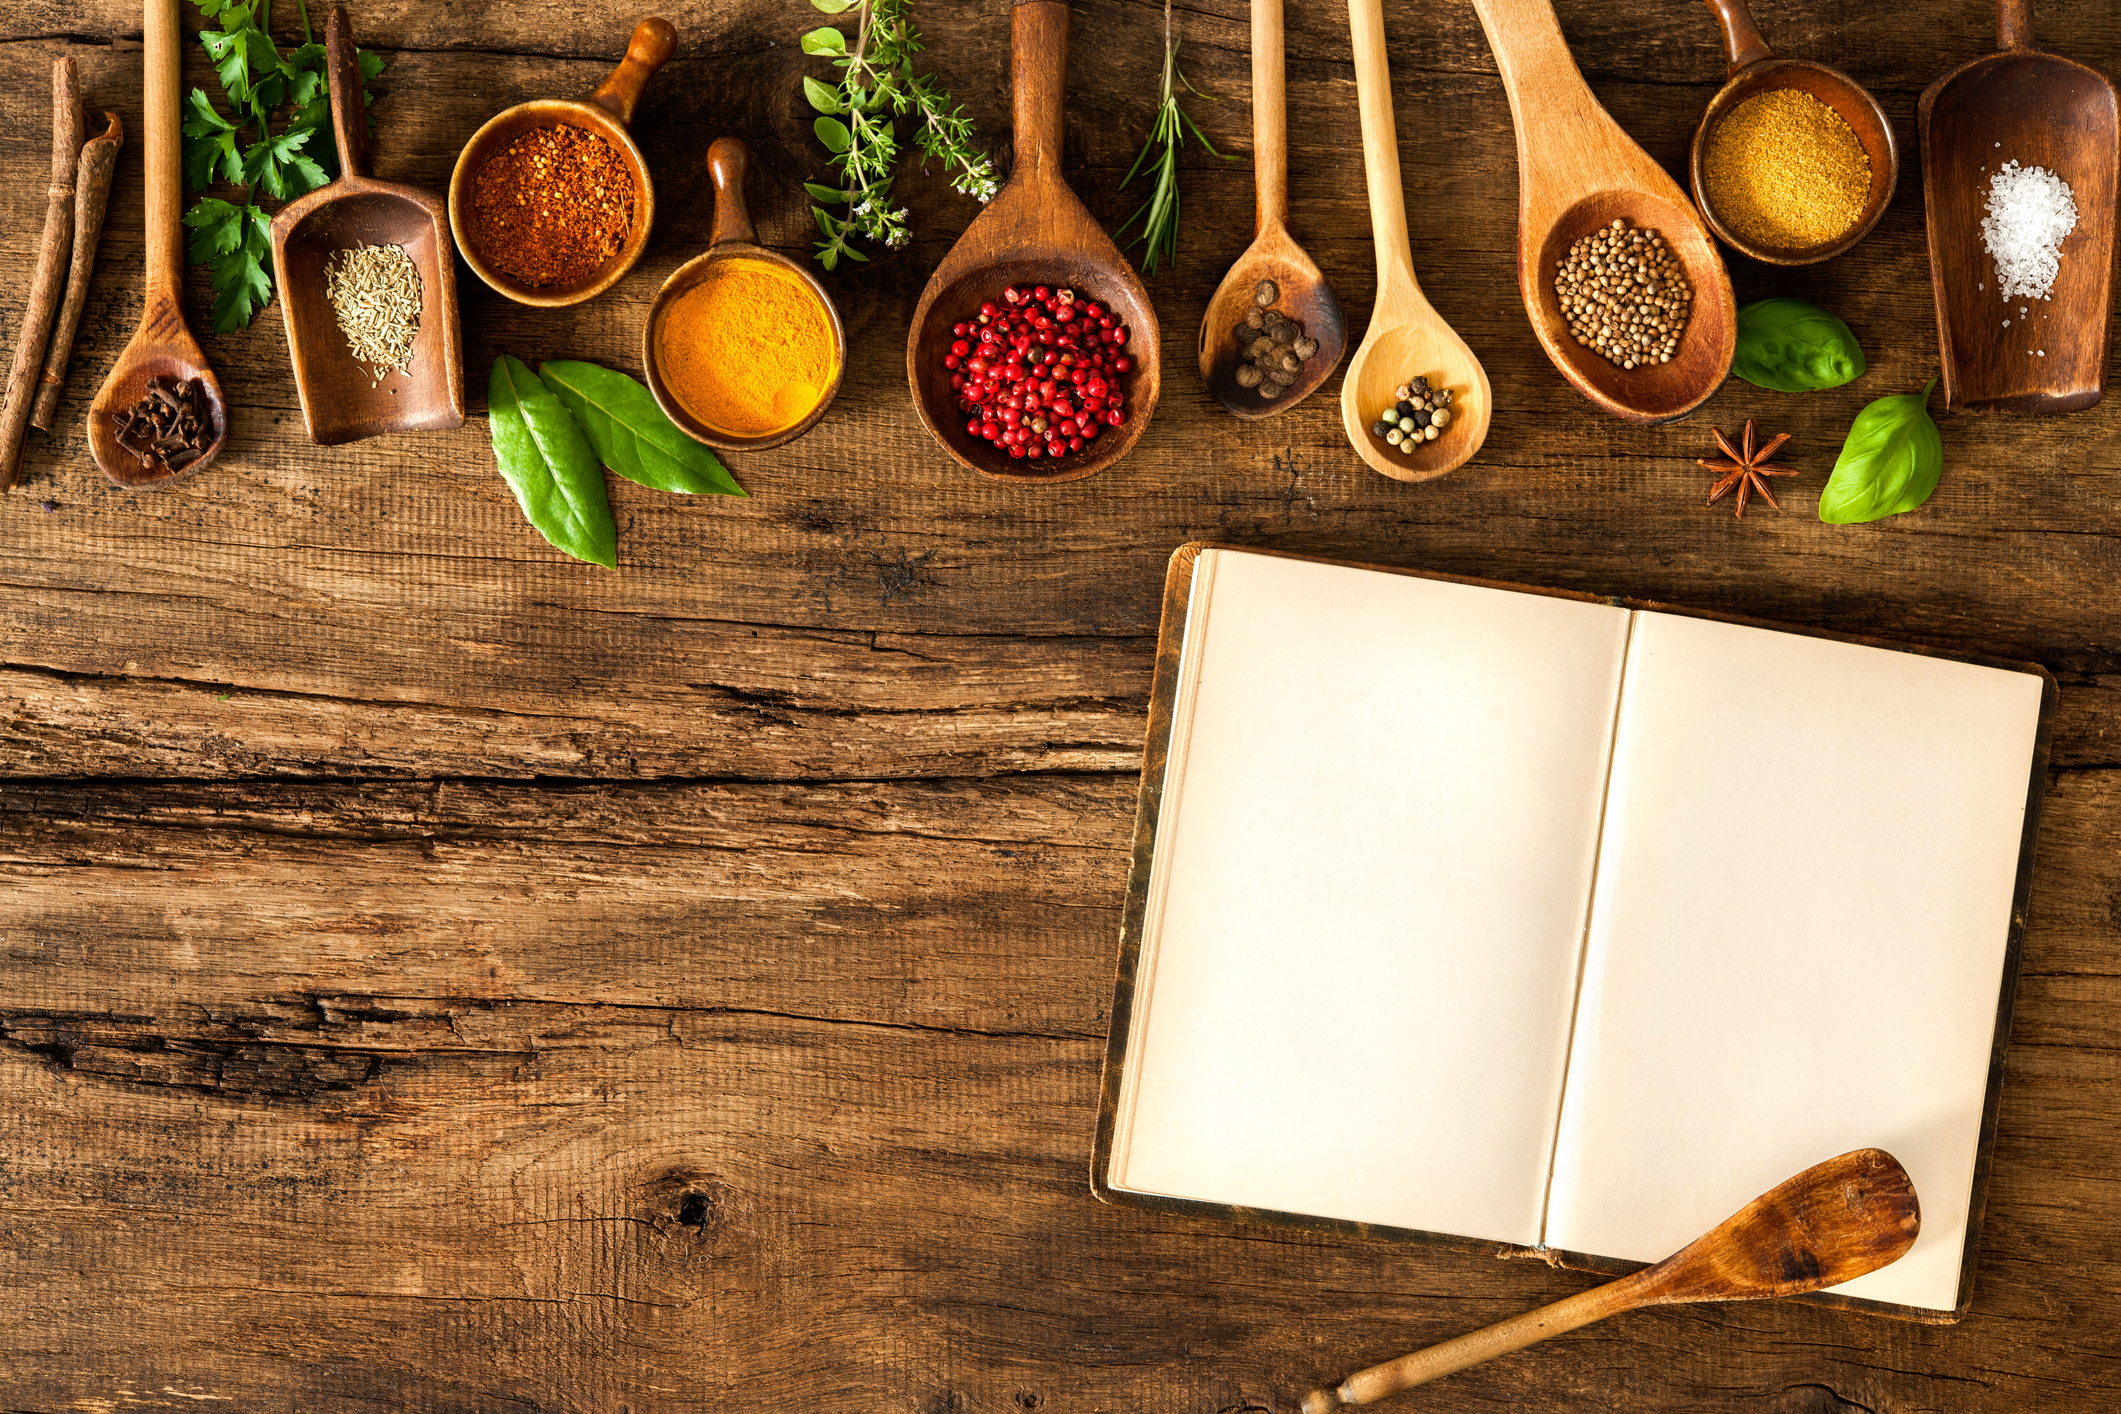 Kokböcker för ny inspiration